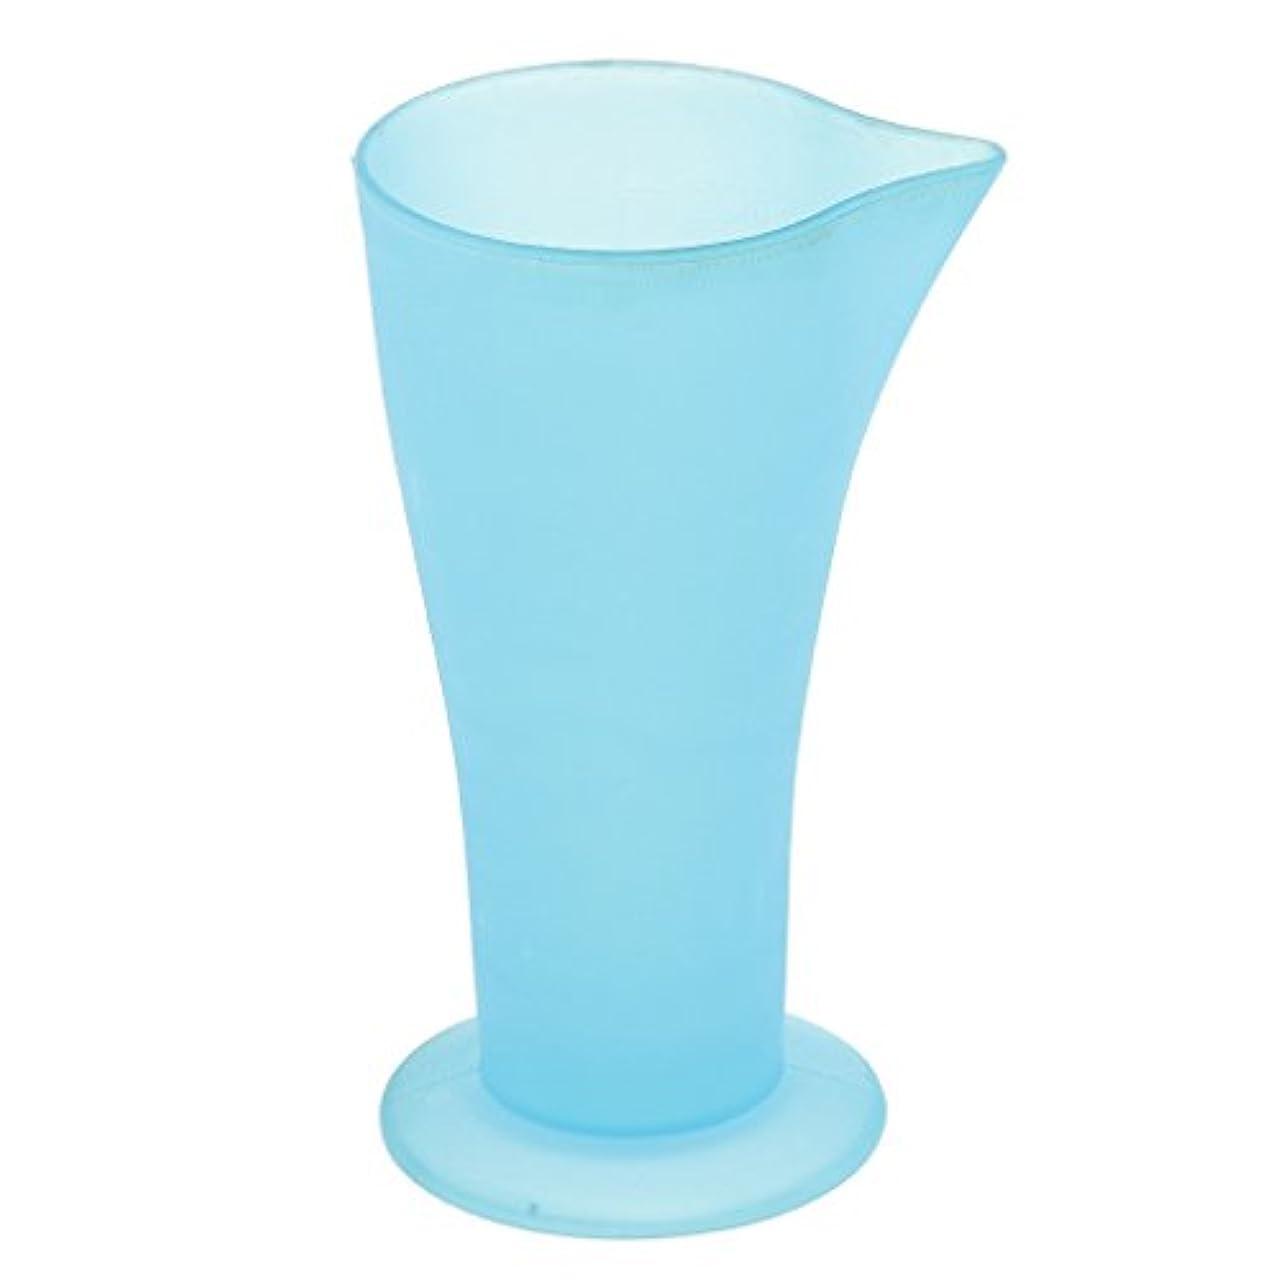 Kesoto 計量カップ ヘアダイカップ ヘアカラーカップ ヘアダイ容器 ブルー プラスチック 再使用可能 髪型 サロン 髪の色合い 色測定カップ